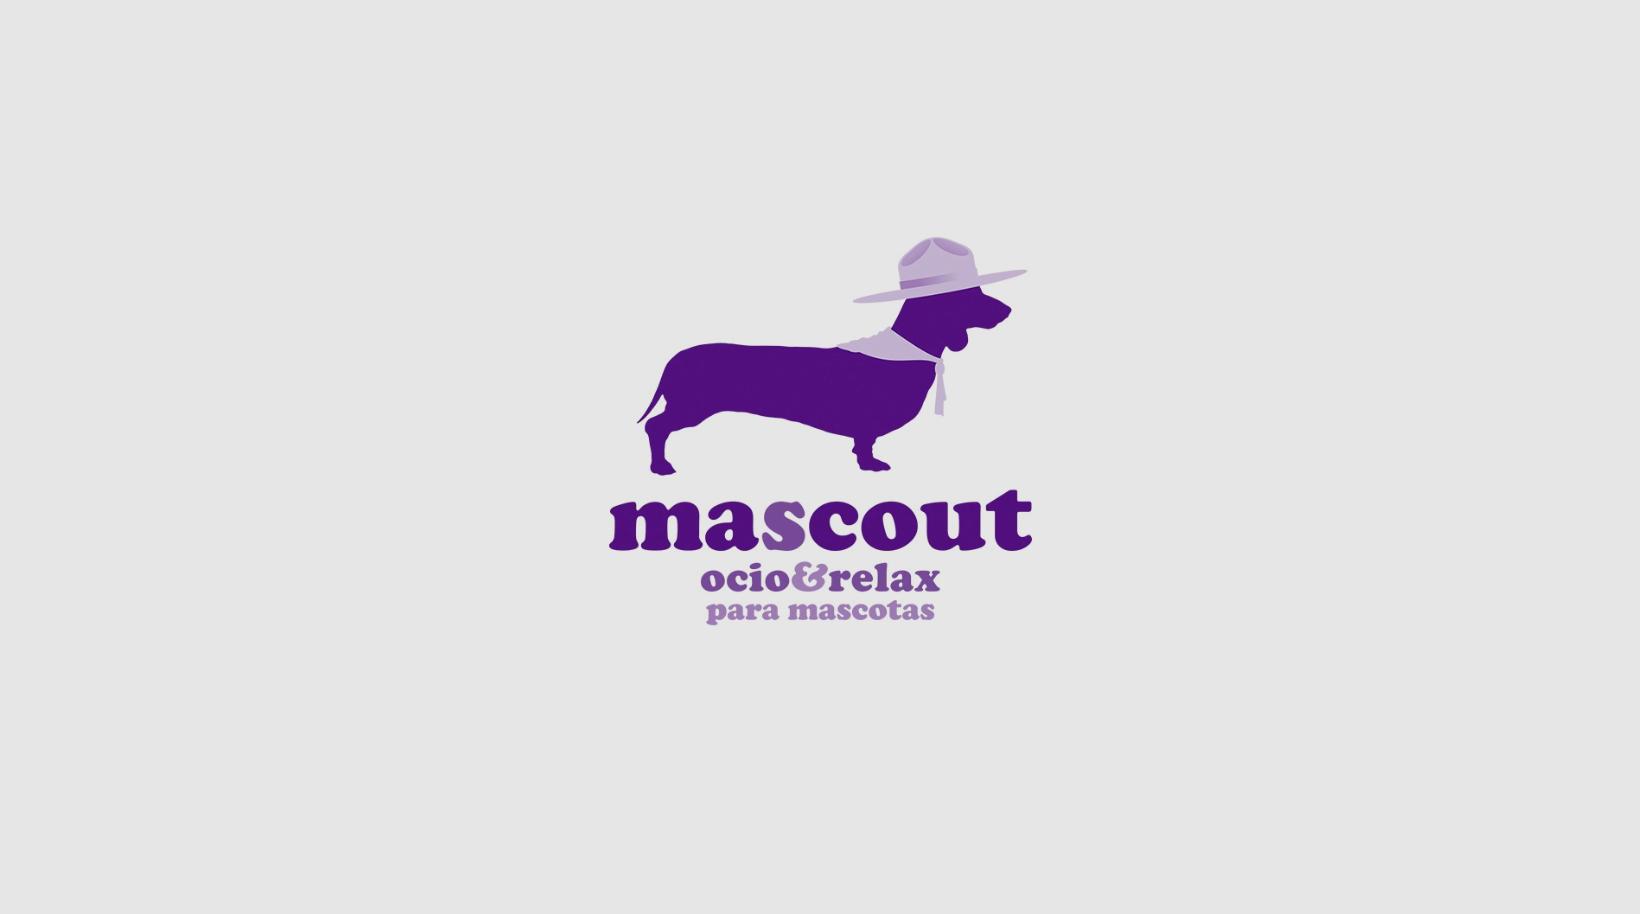 mascout2